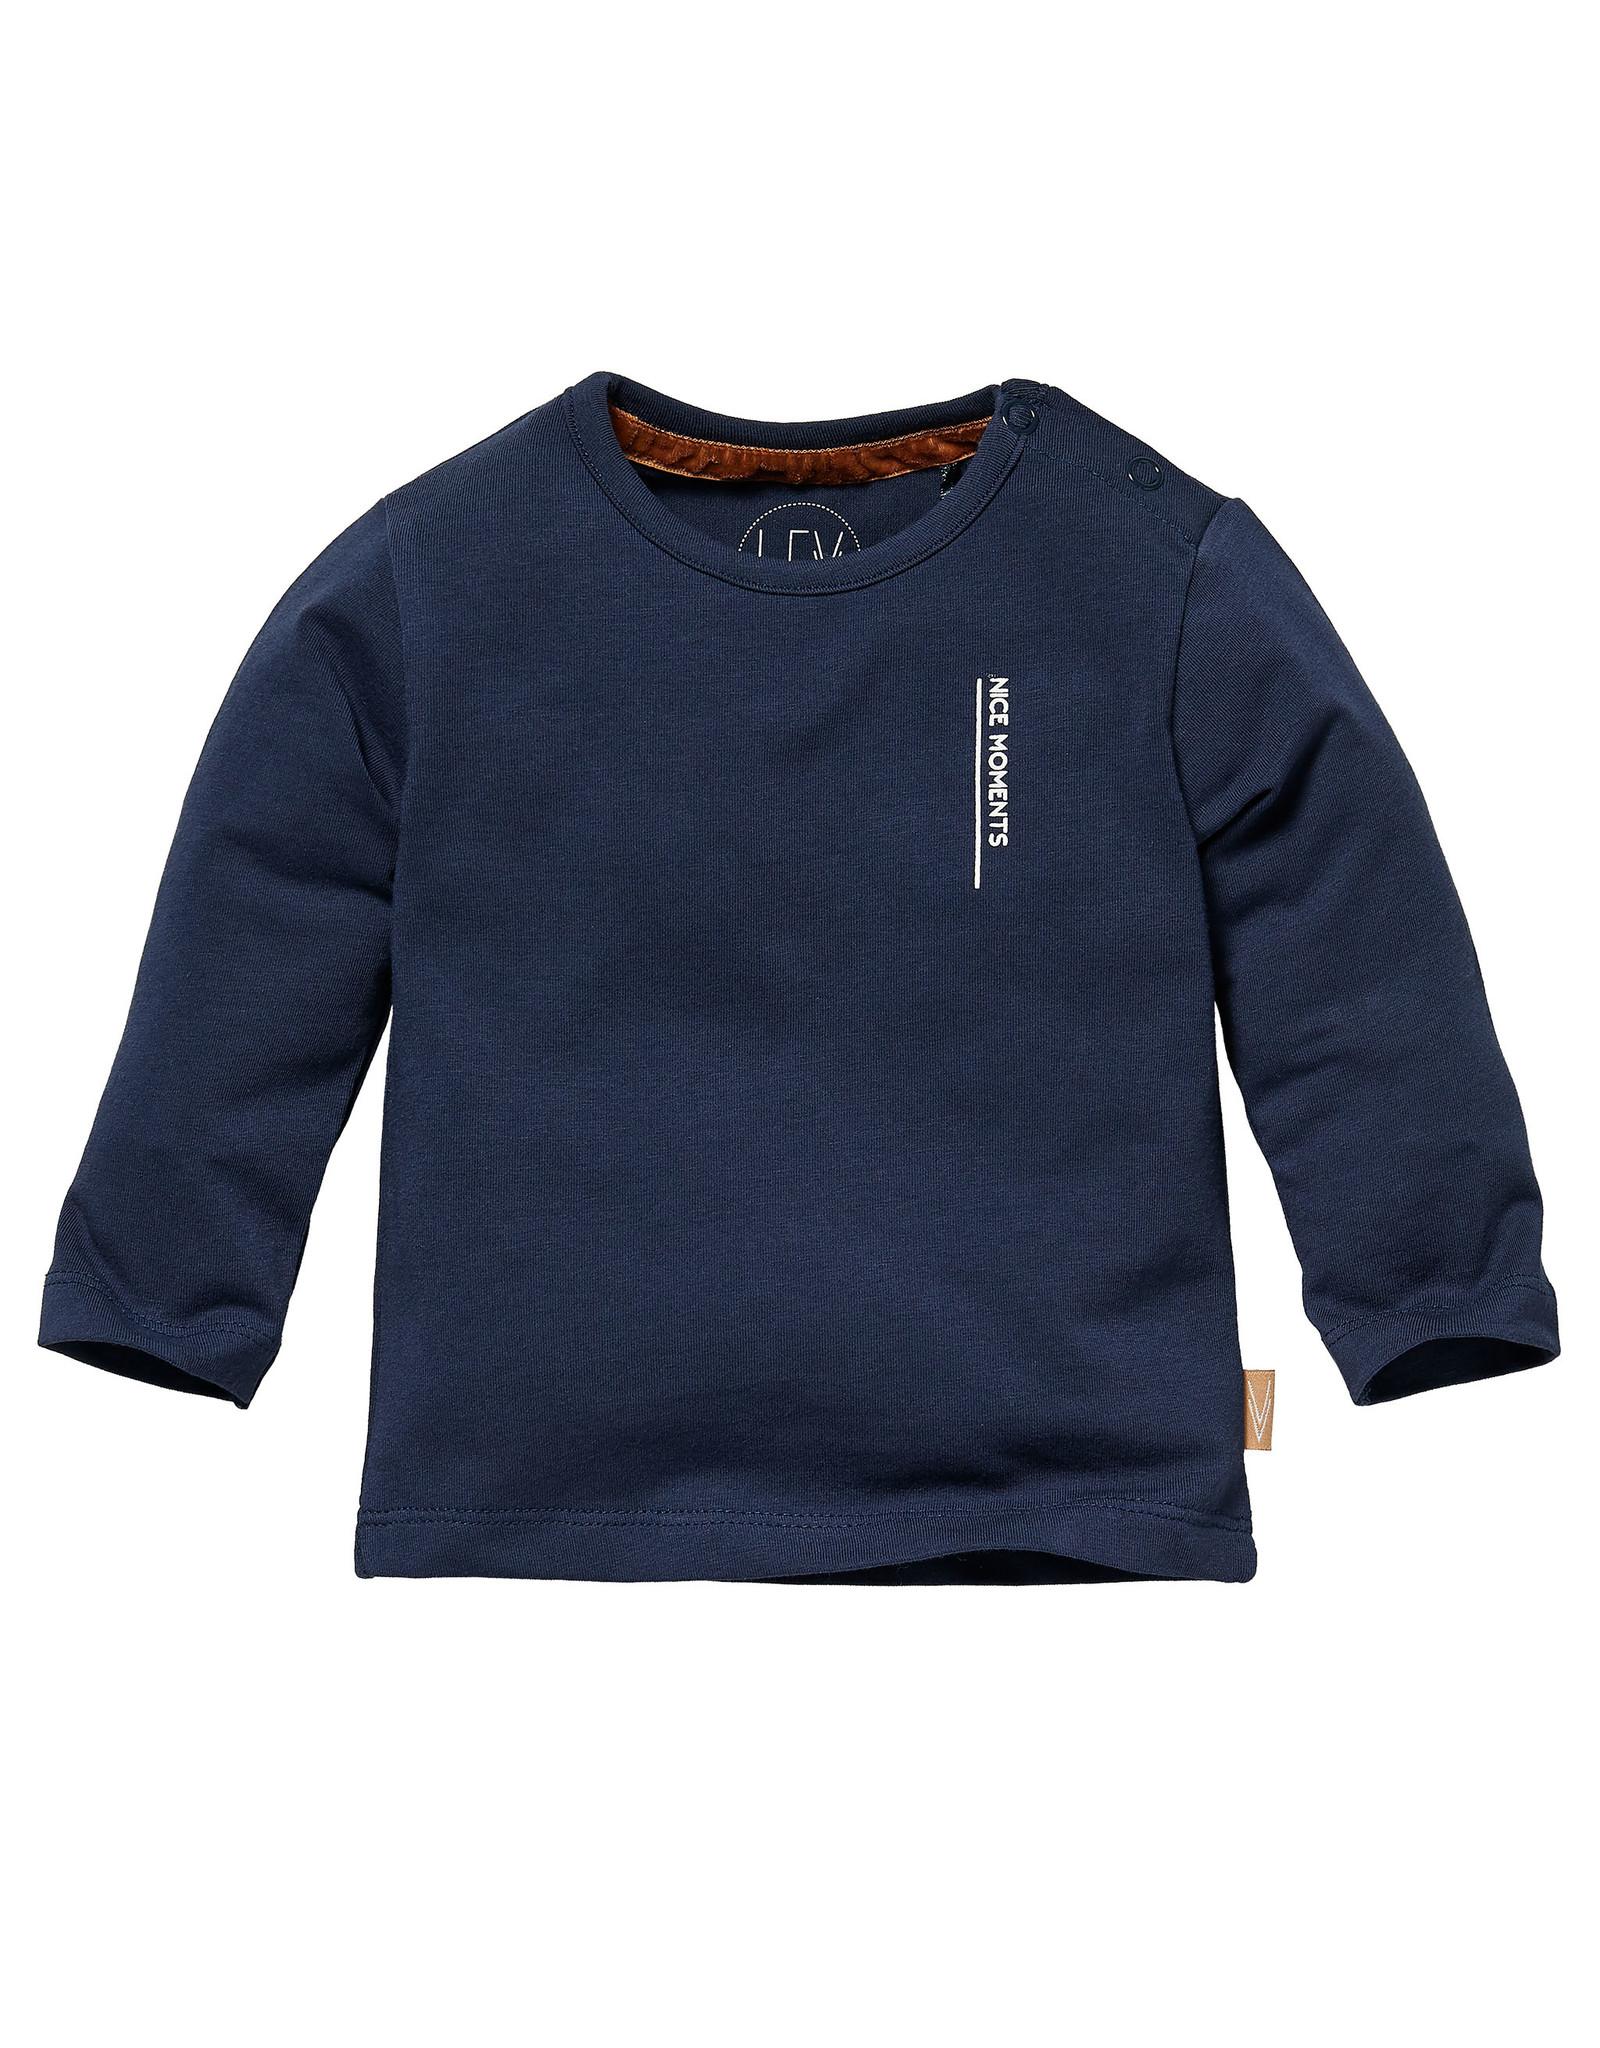 LEVV Levv newborn baby jongens shirt Lenn